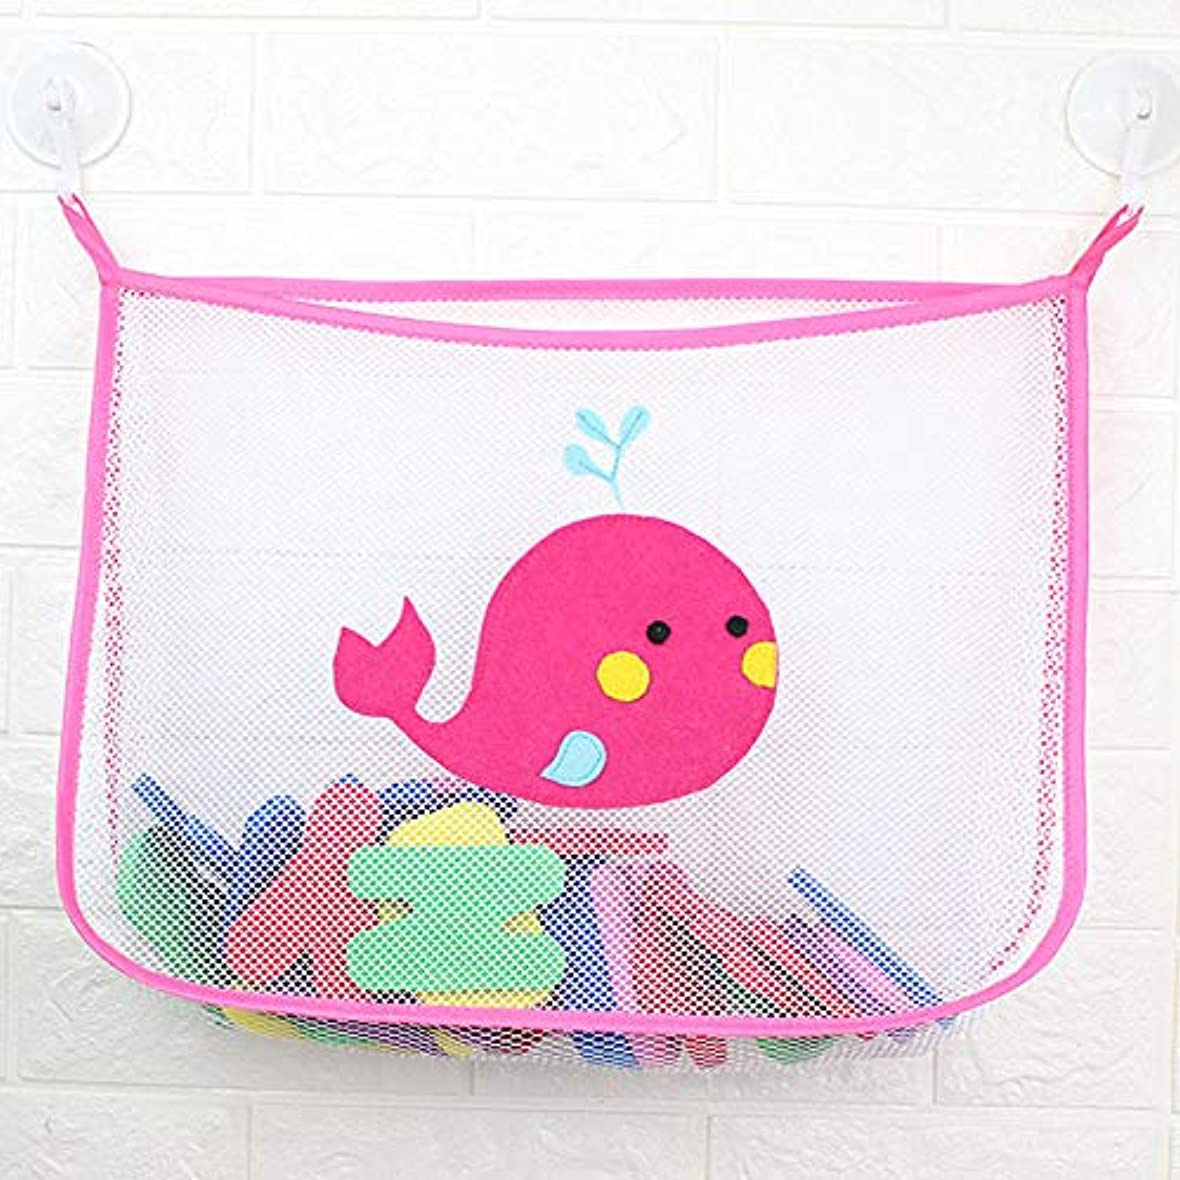 後者伝説軍ベビーシャワー風呂のおもちゃ小さなアヒル小さなカエルの赤ちゃん子供のおもちゃ収納メッシュで強い吸盤玩具バッグネット浴室オーガナイザー (ピンク)